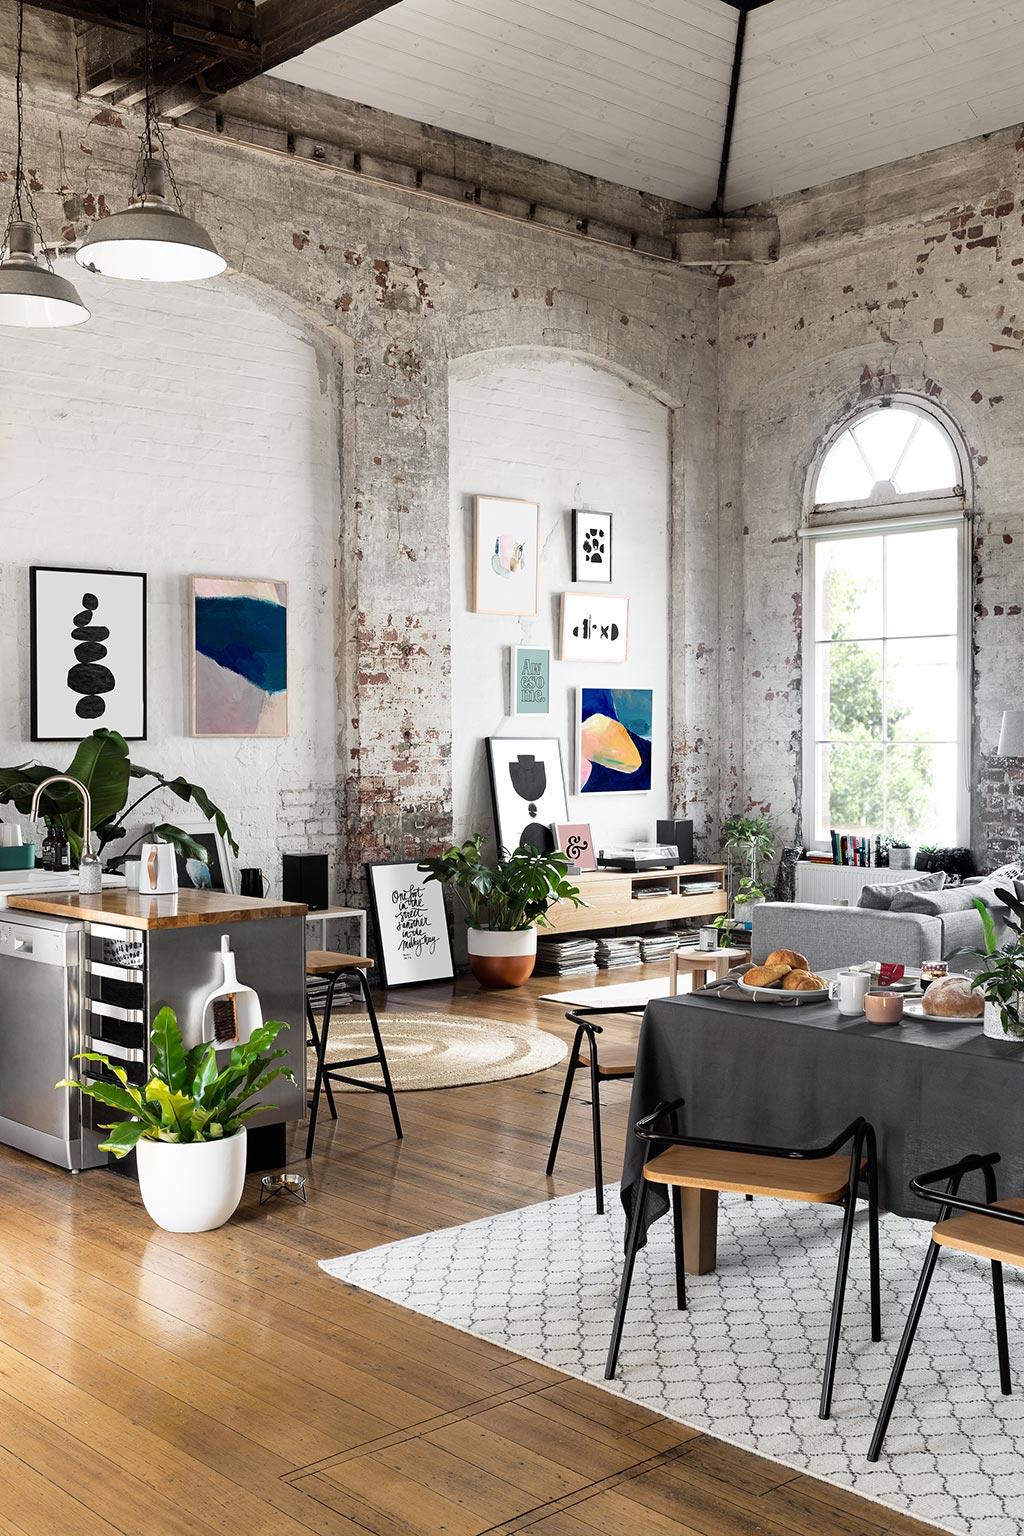 blog déco loft australien style industriel parquet bois mur pierre tapis berbère